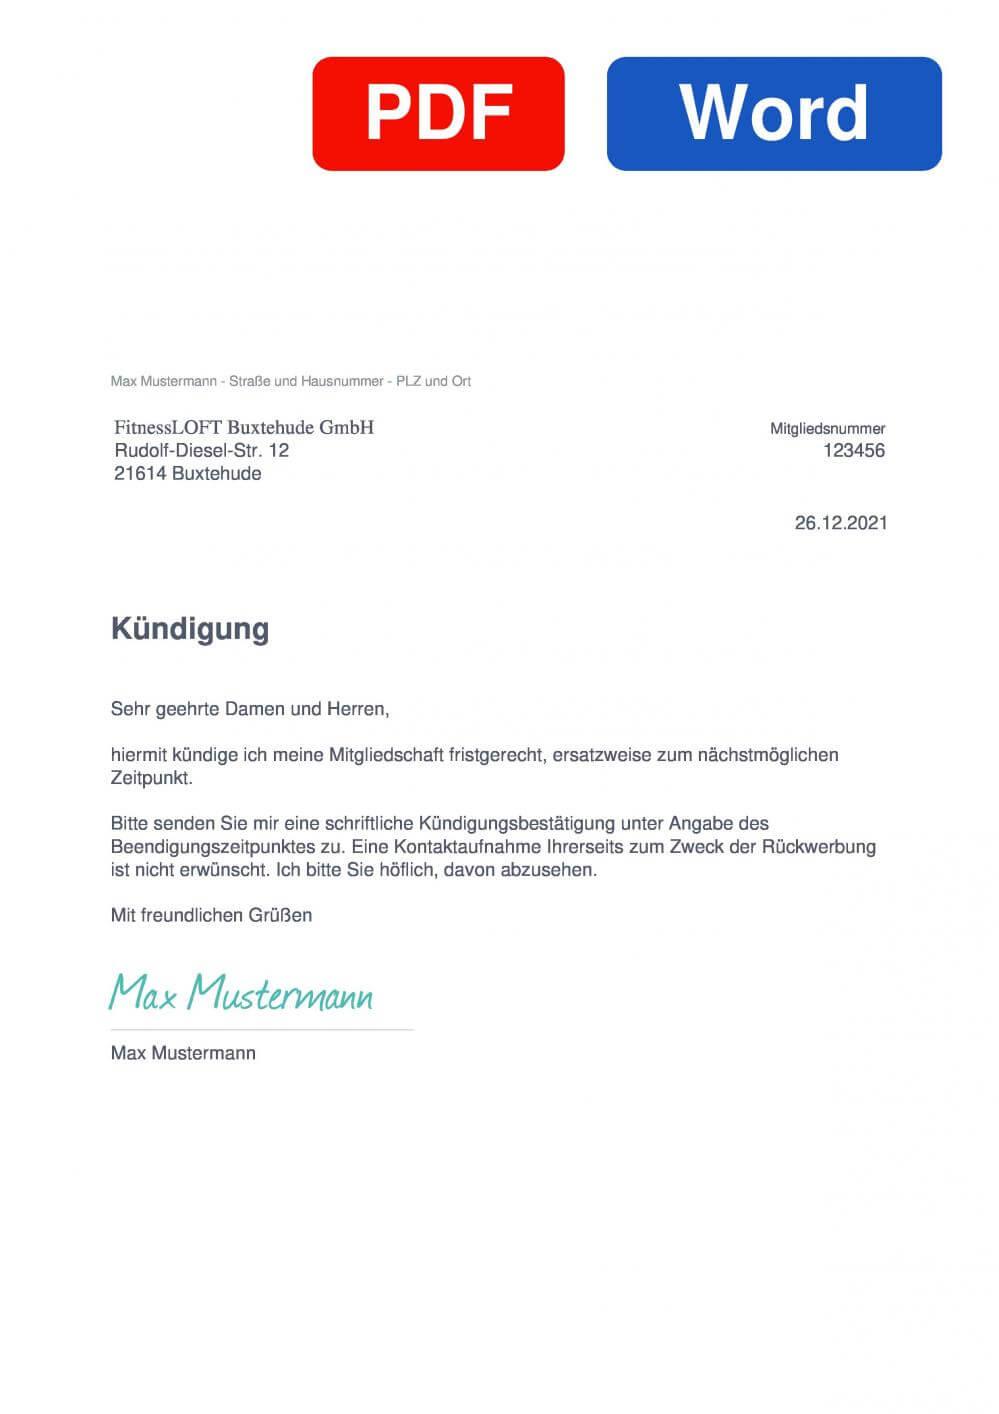 FitnessLOFT Buxtehude Muster Vorlage für Kündigungsschreiben